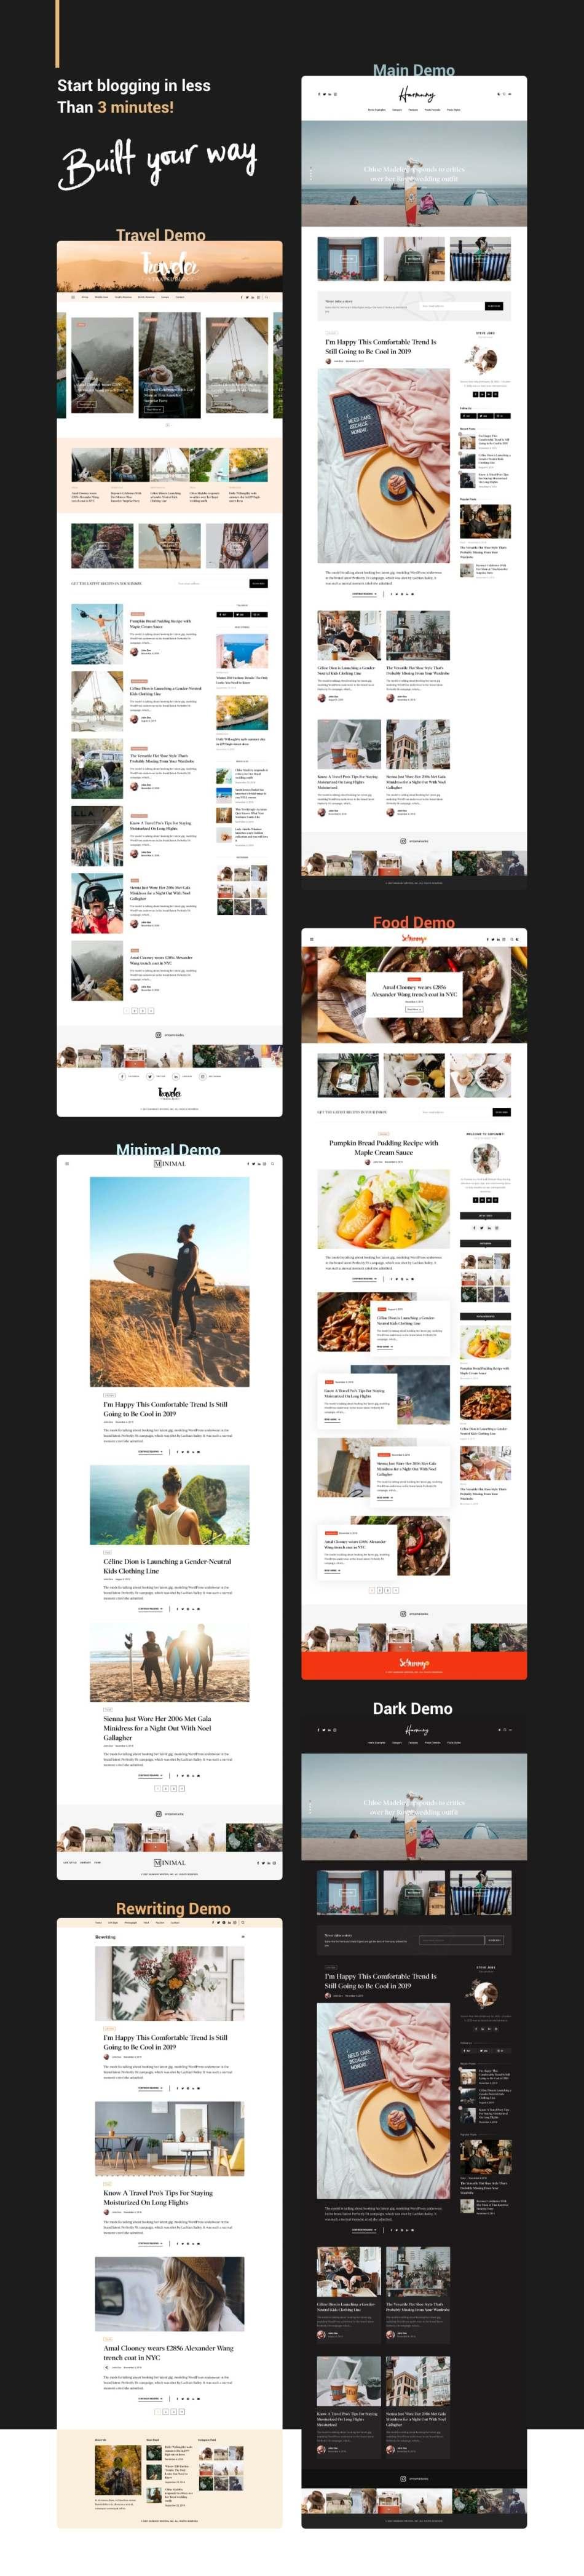 Harmuny - Modern WordPress Blog Theme - 3